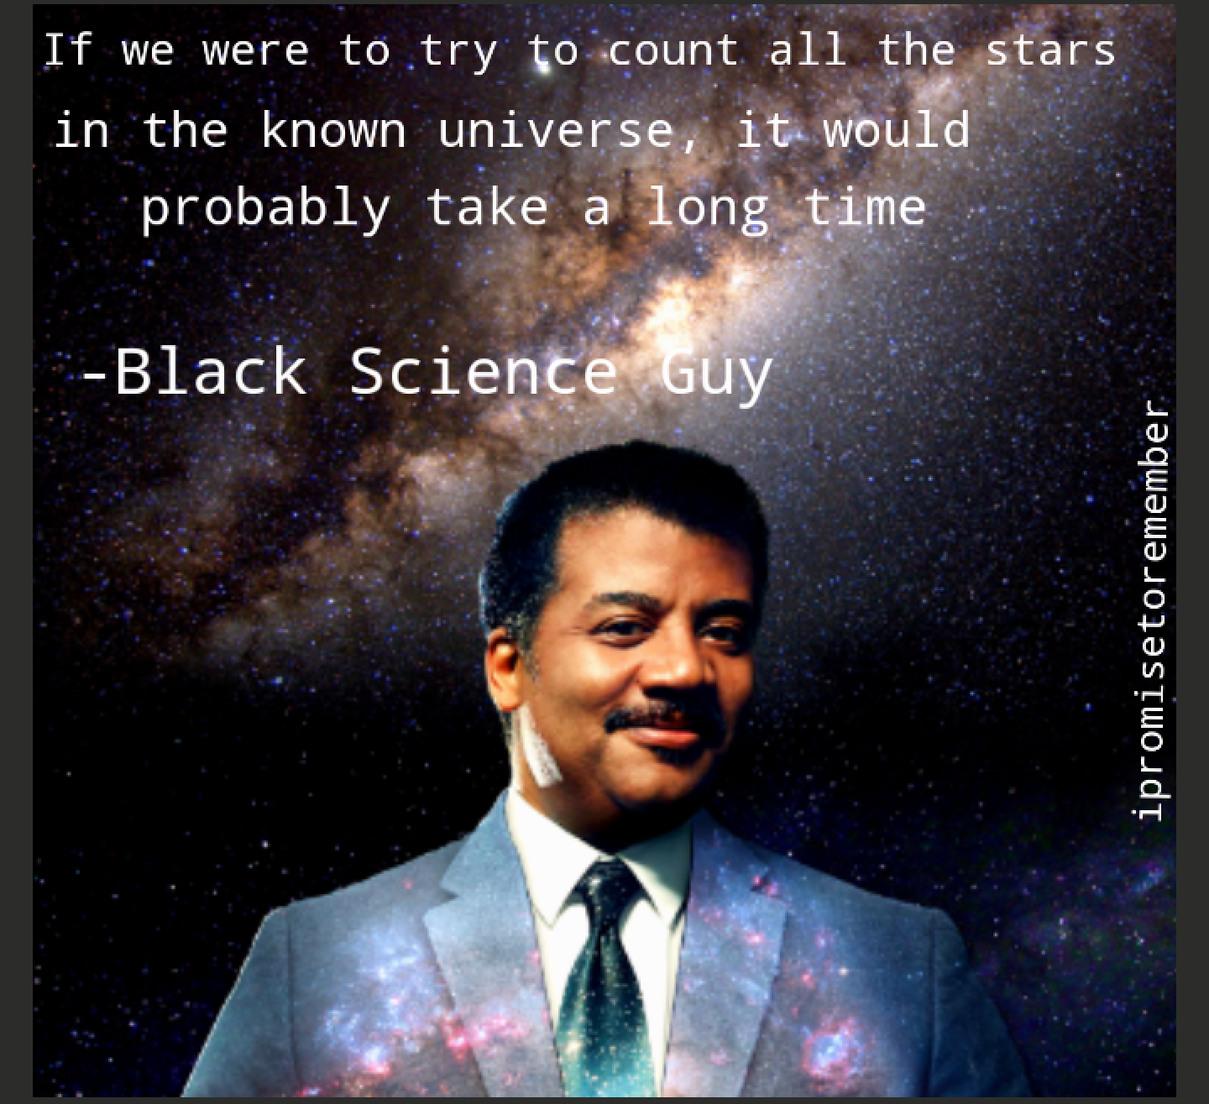 Black Science Guy - meme